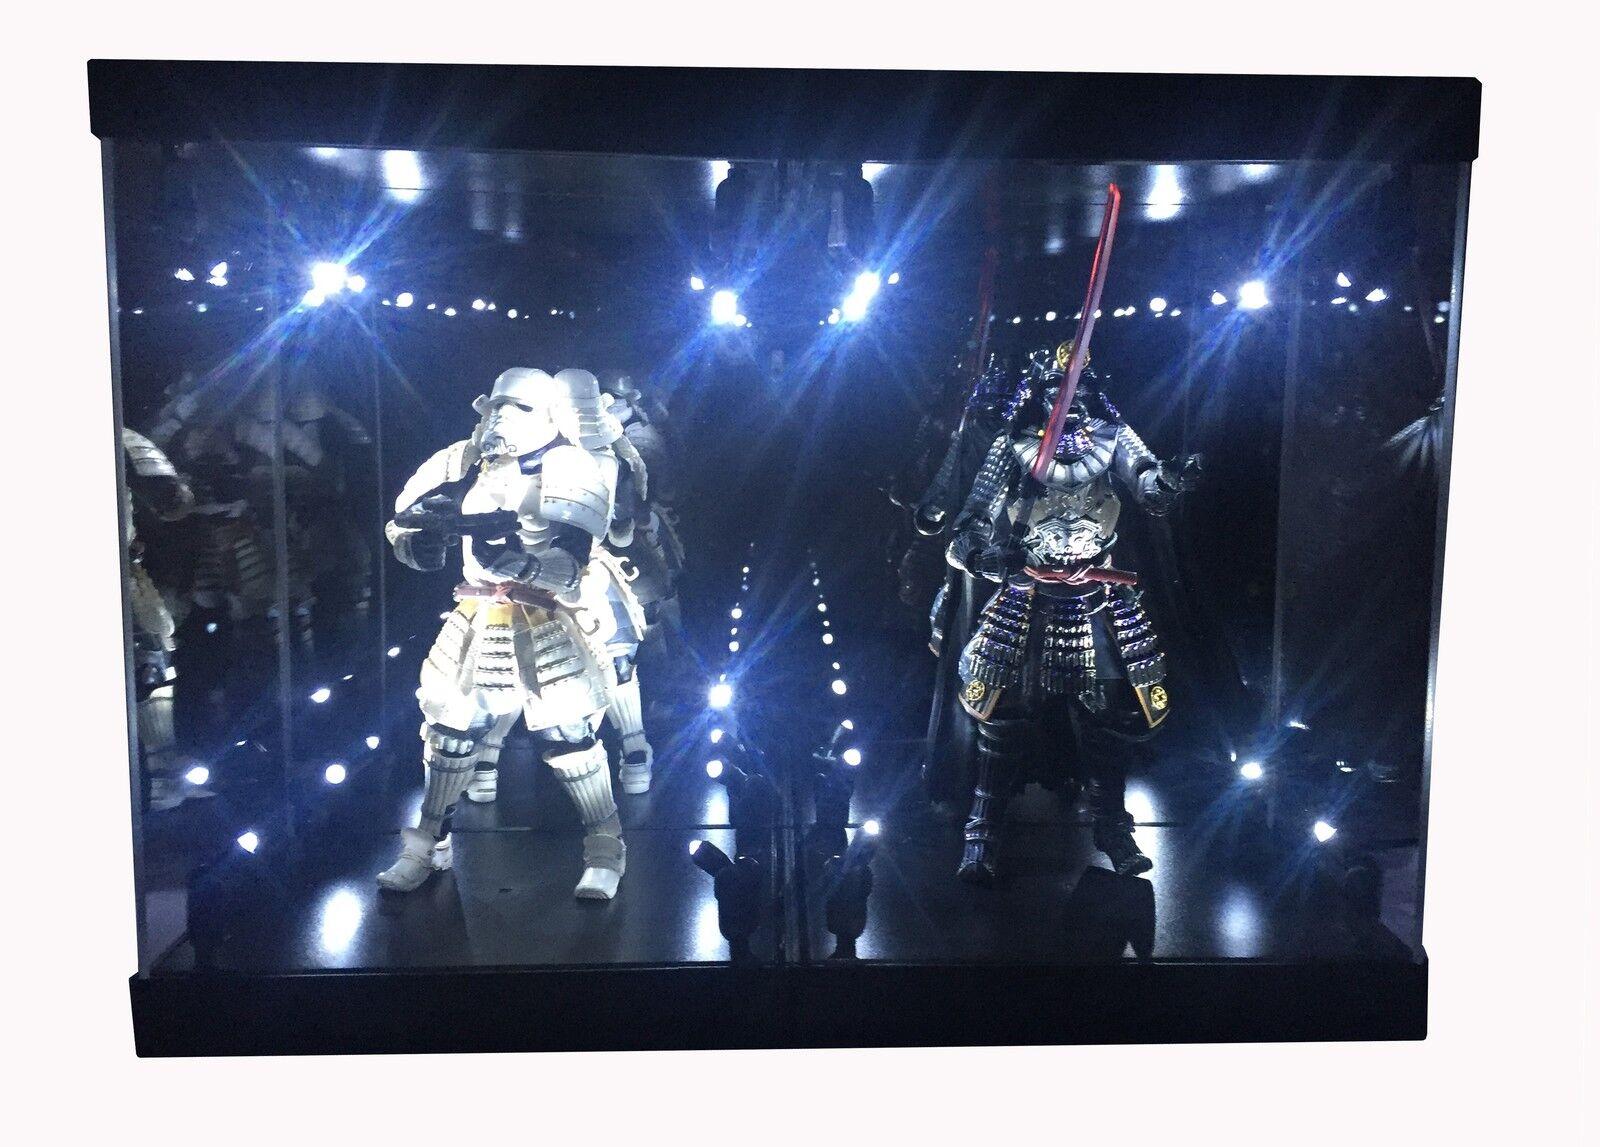 Acryl - schaukasten lichtkasten für star wars s.h. figuarts schatten klon soldat